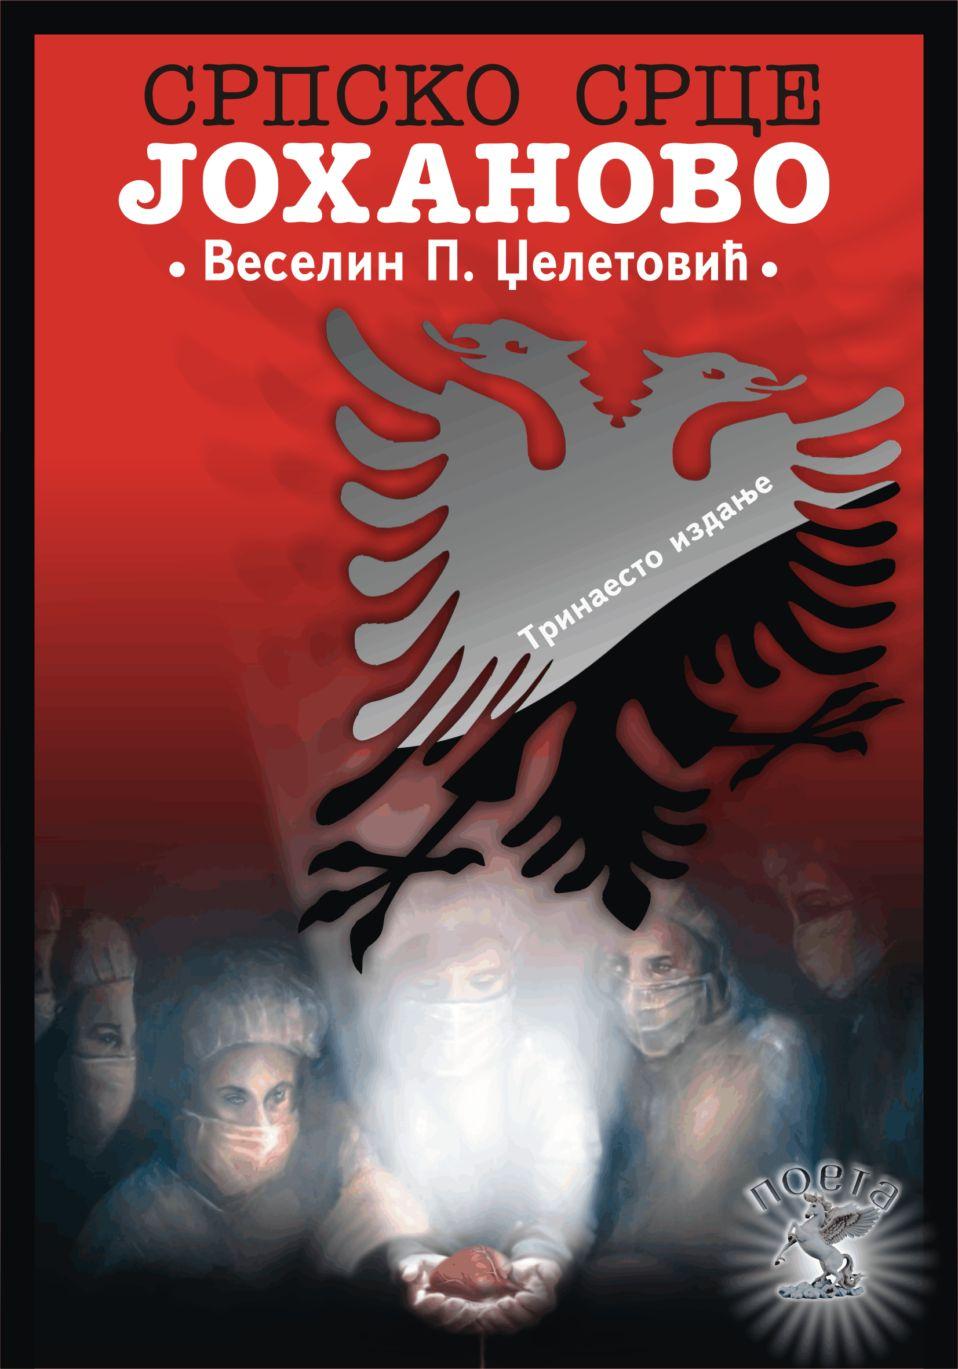 Српско срце Јоханово